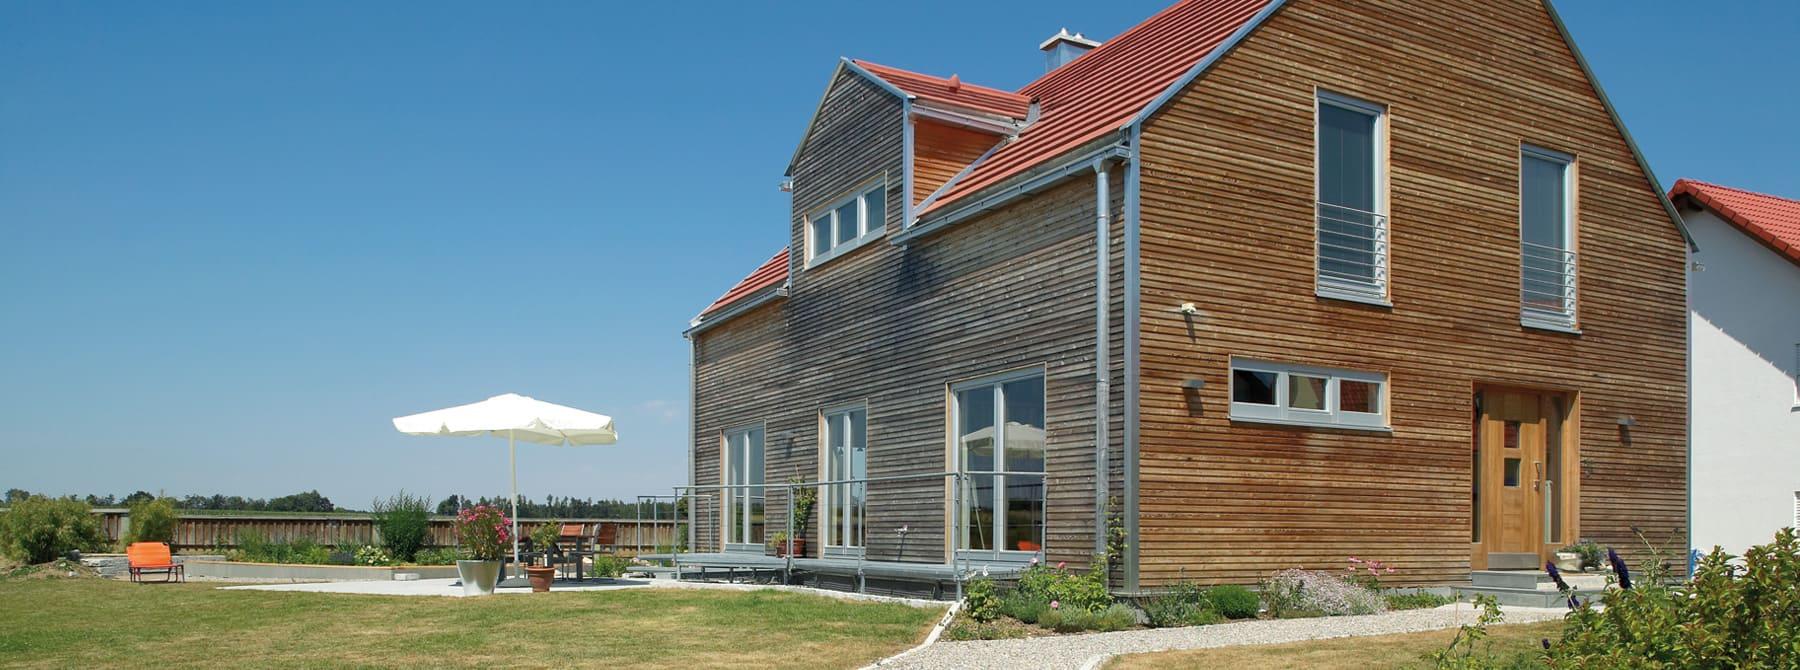 junges wohnen bauen sie ihr holzhaus passivhaus plusenergiehaus mit sonnleitner. Black Bedroom Furniture Sets. Home Design Ideas